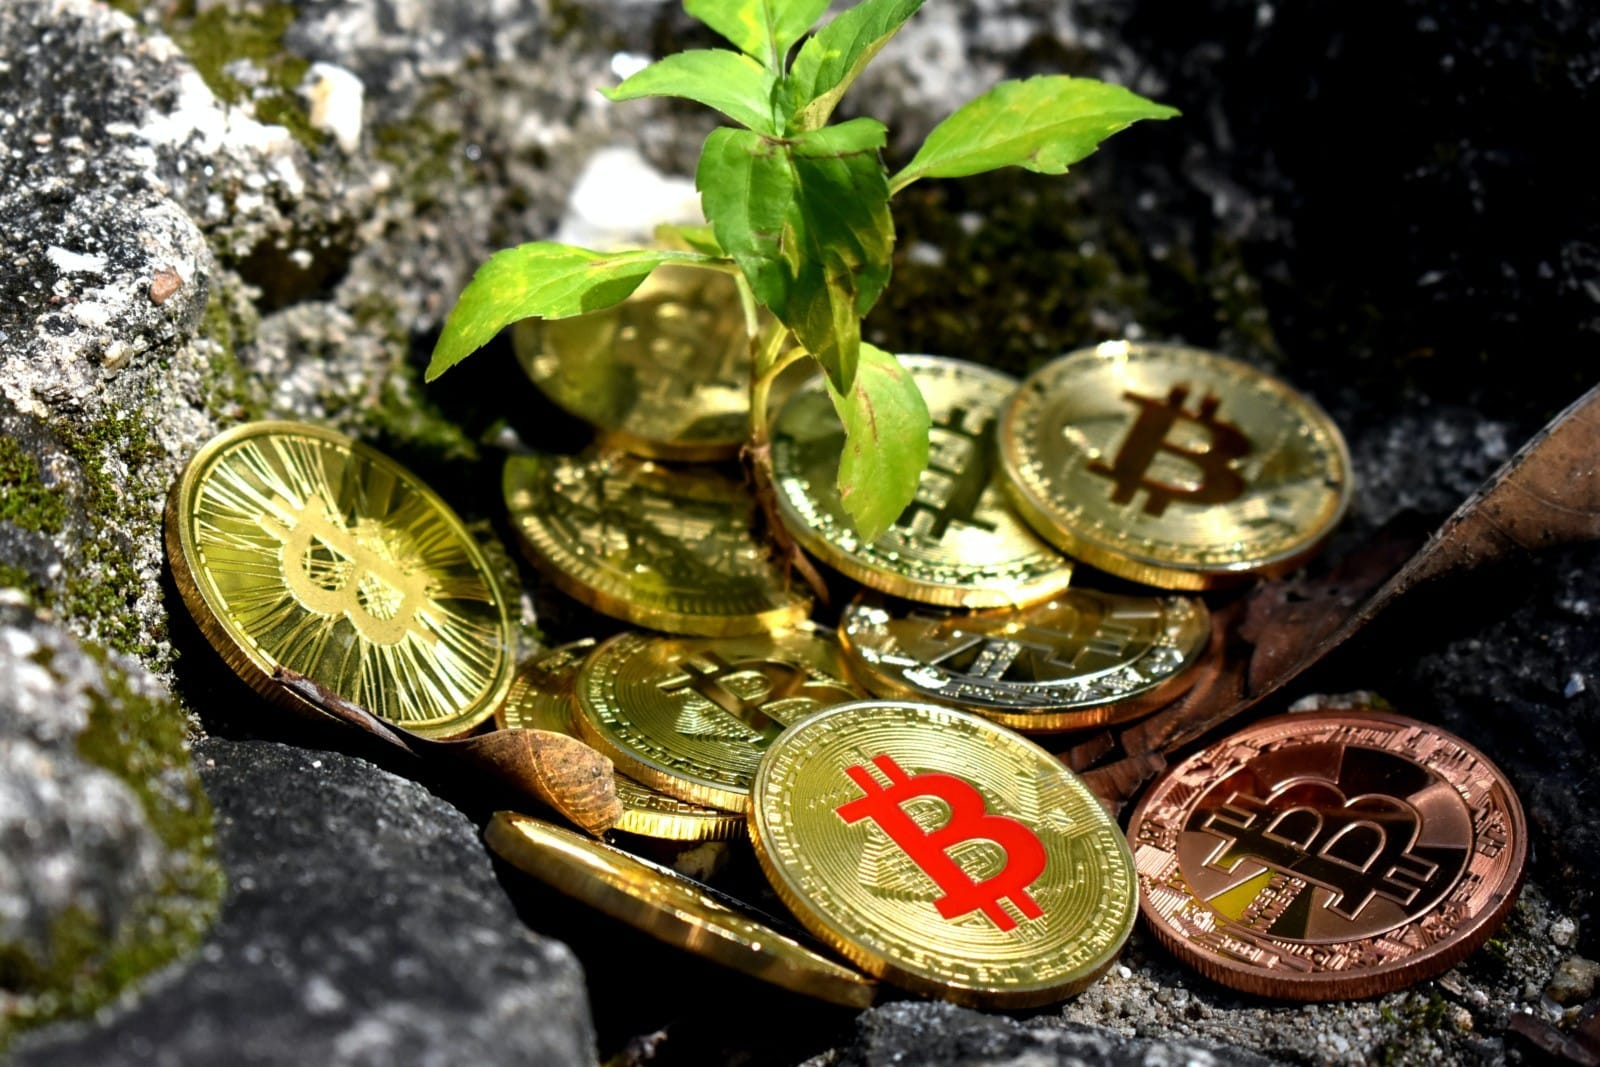 come è il valore di bitcoin determinato